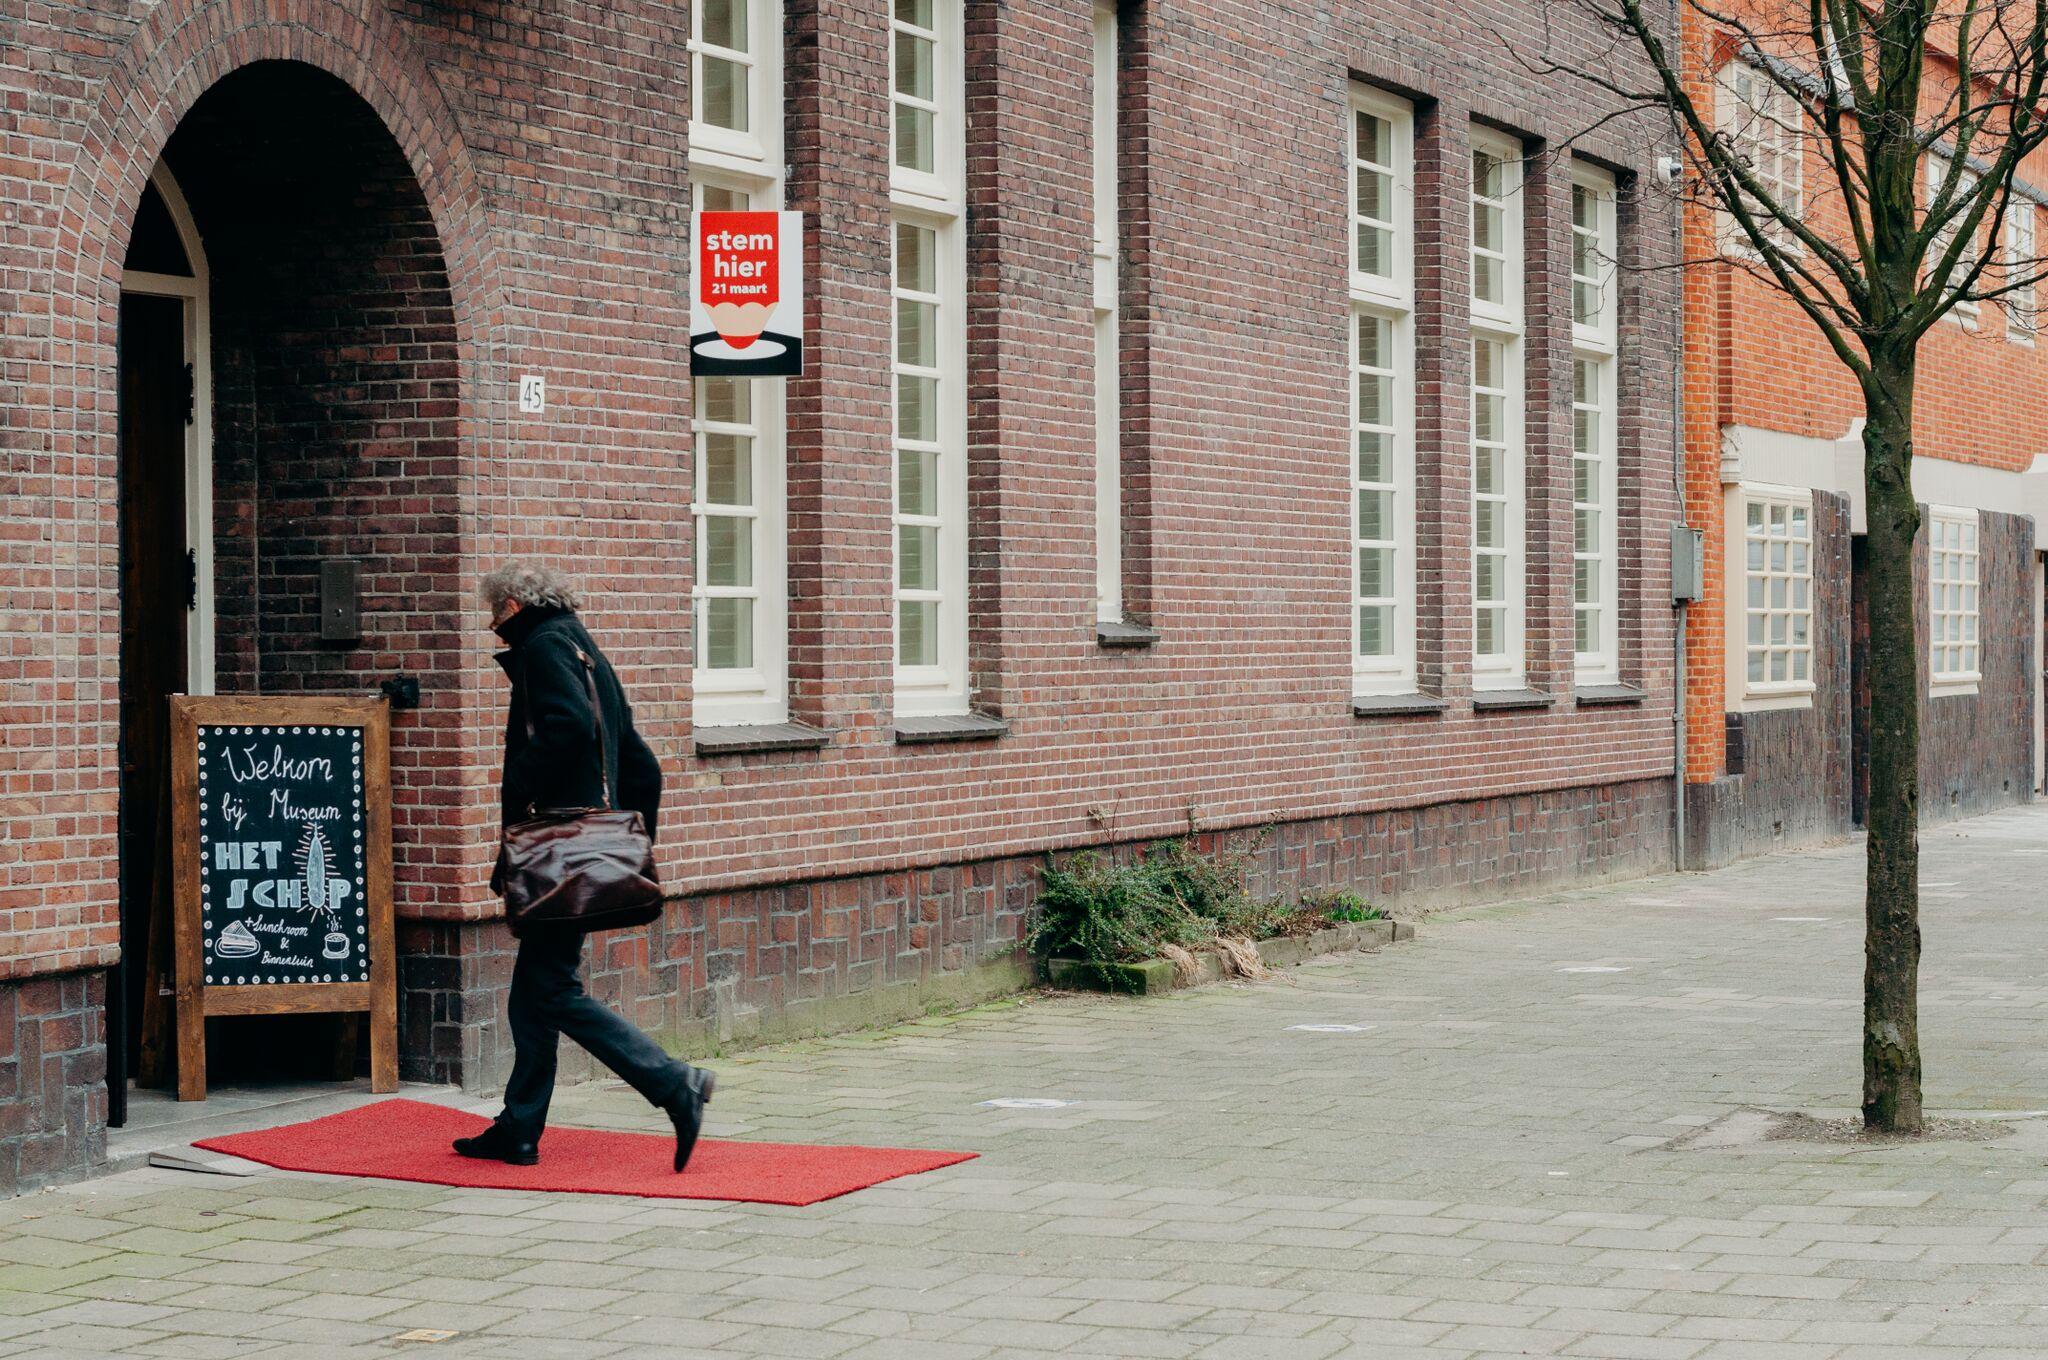 Op 21 maart 2018 stemmen Amsterdammers niet alleen voor de gemeenteraadsverkiezingen en